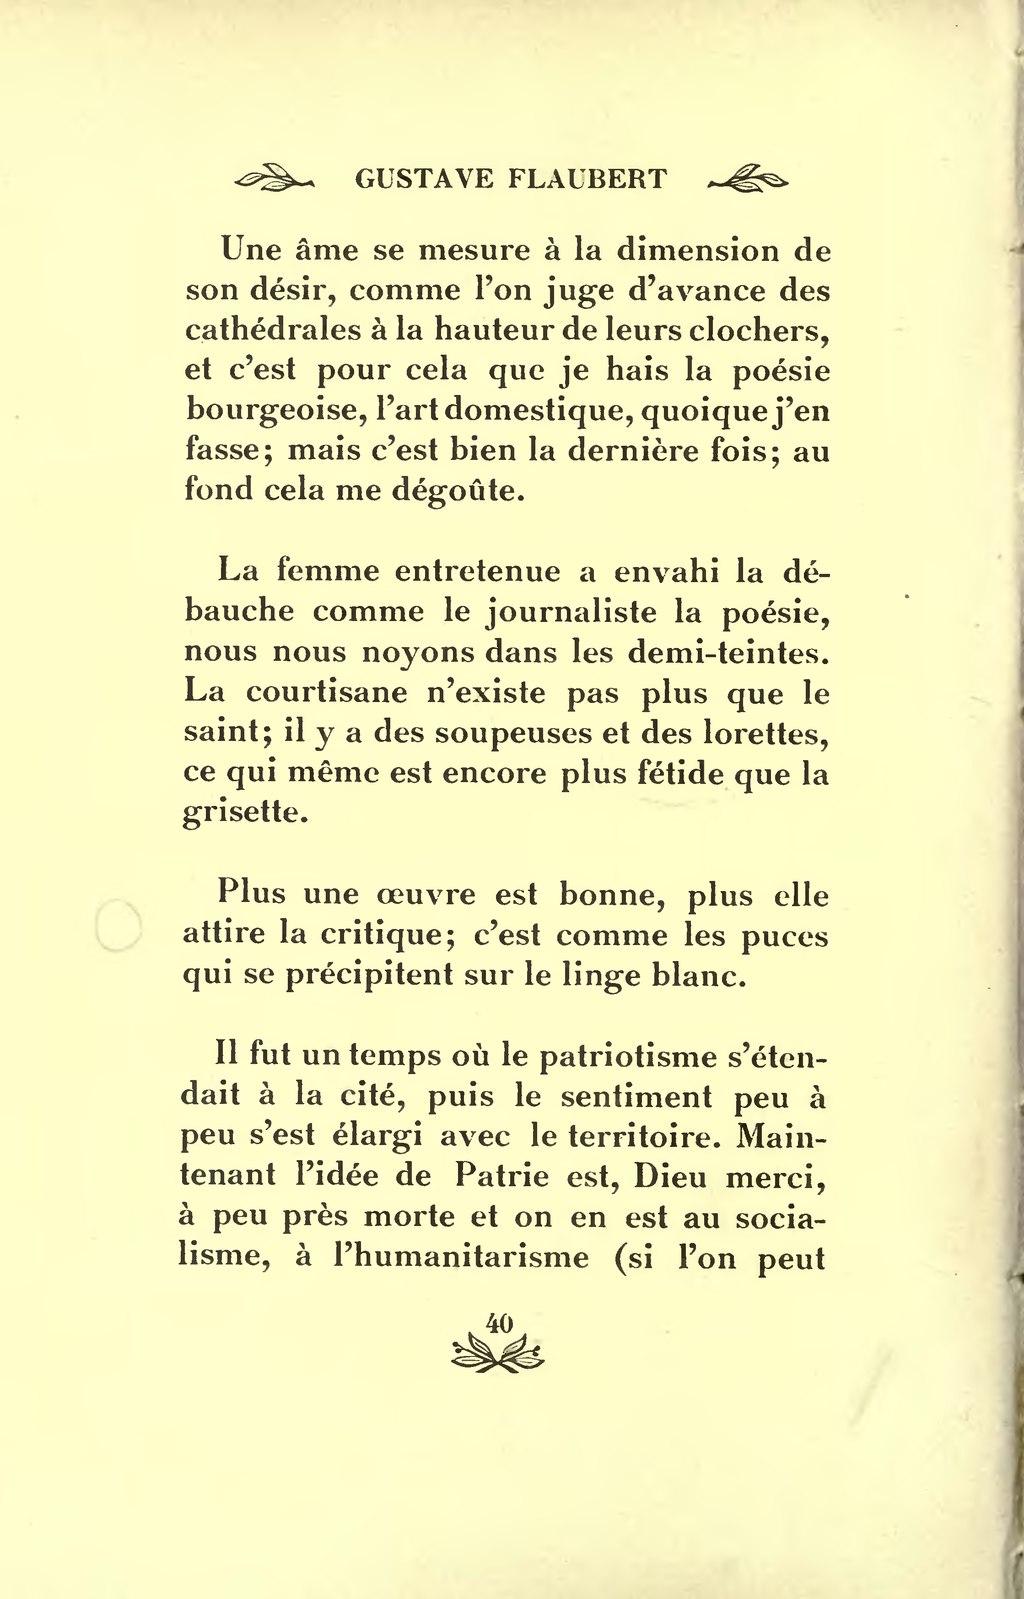 Pagepensées De Gustave Flaubert 1915djvu54 Wikisource